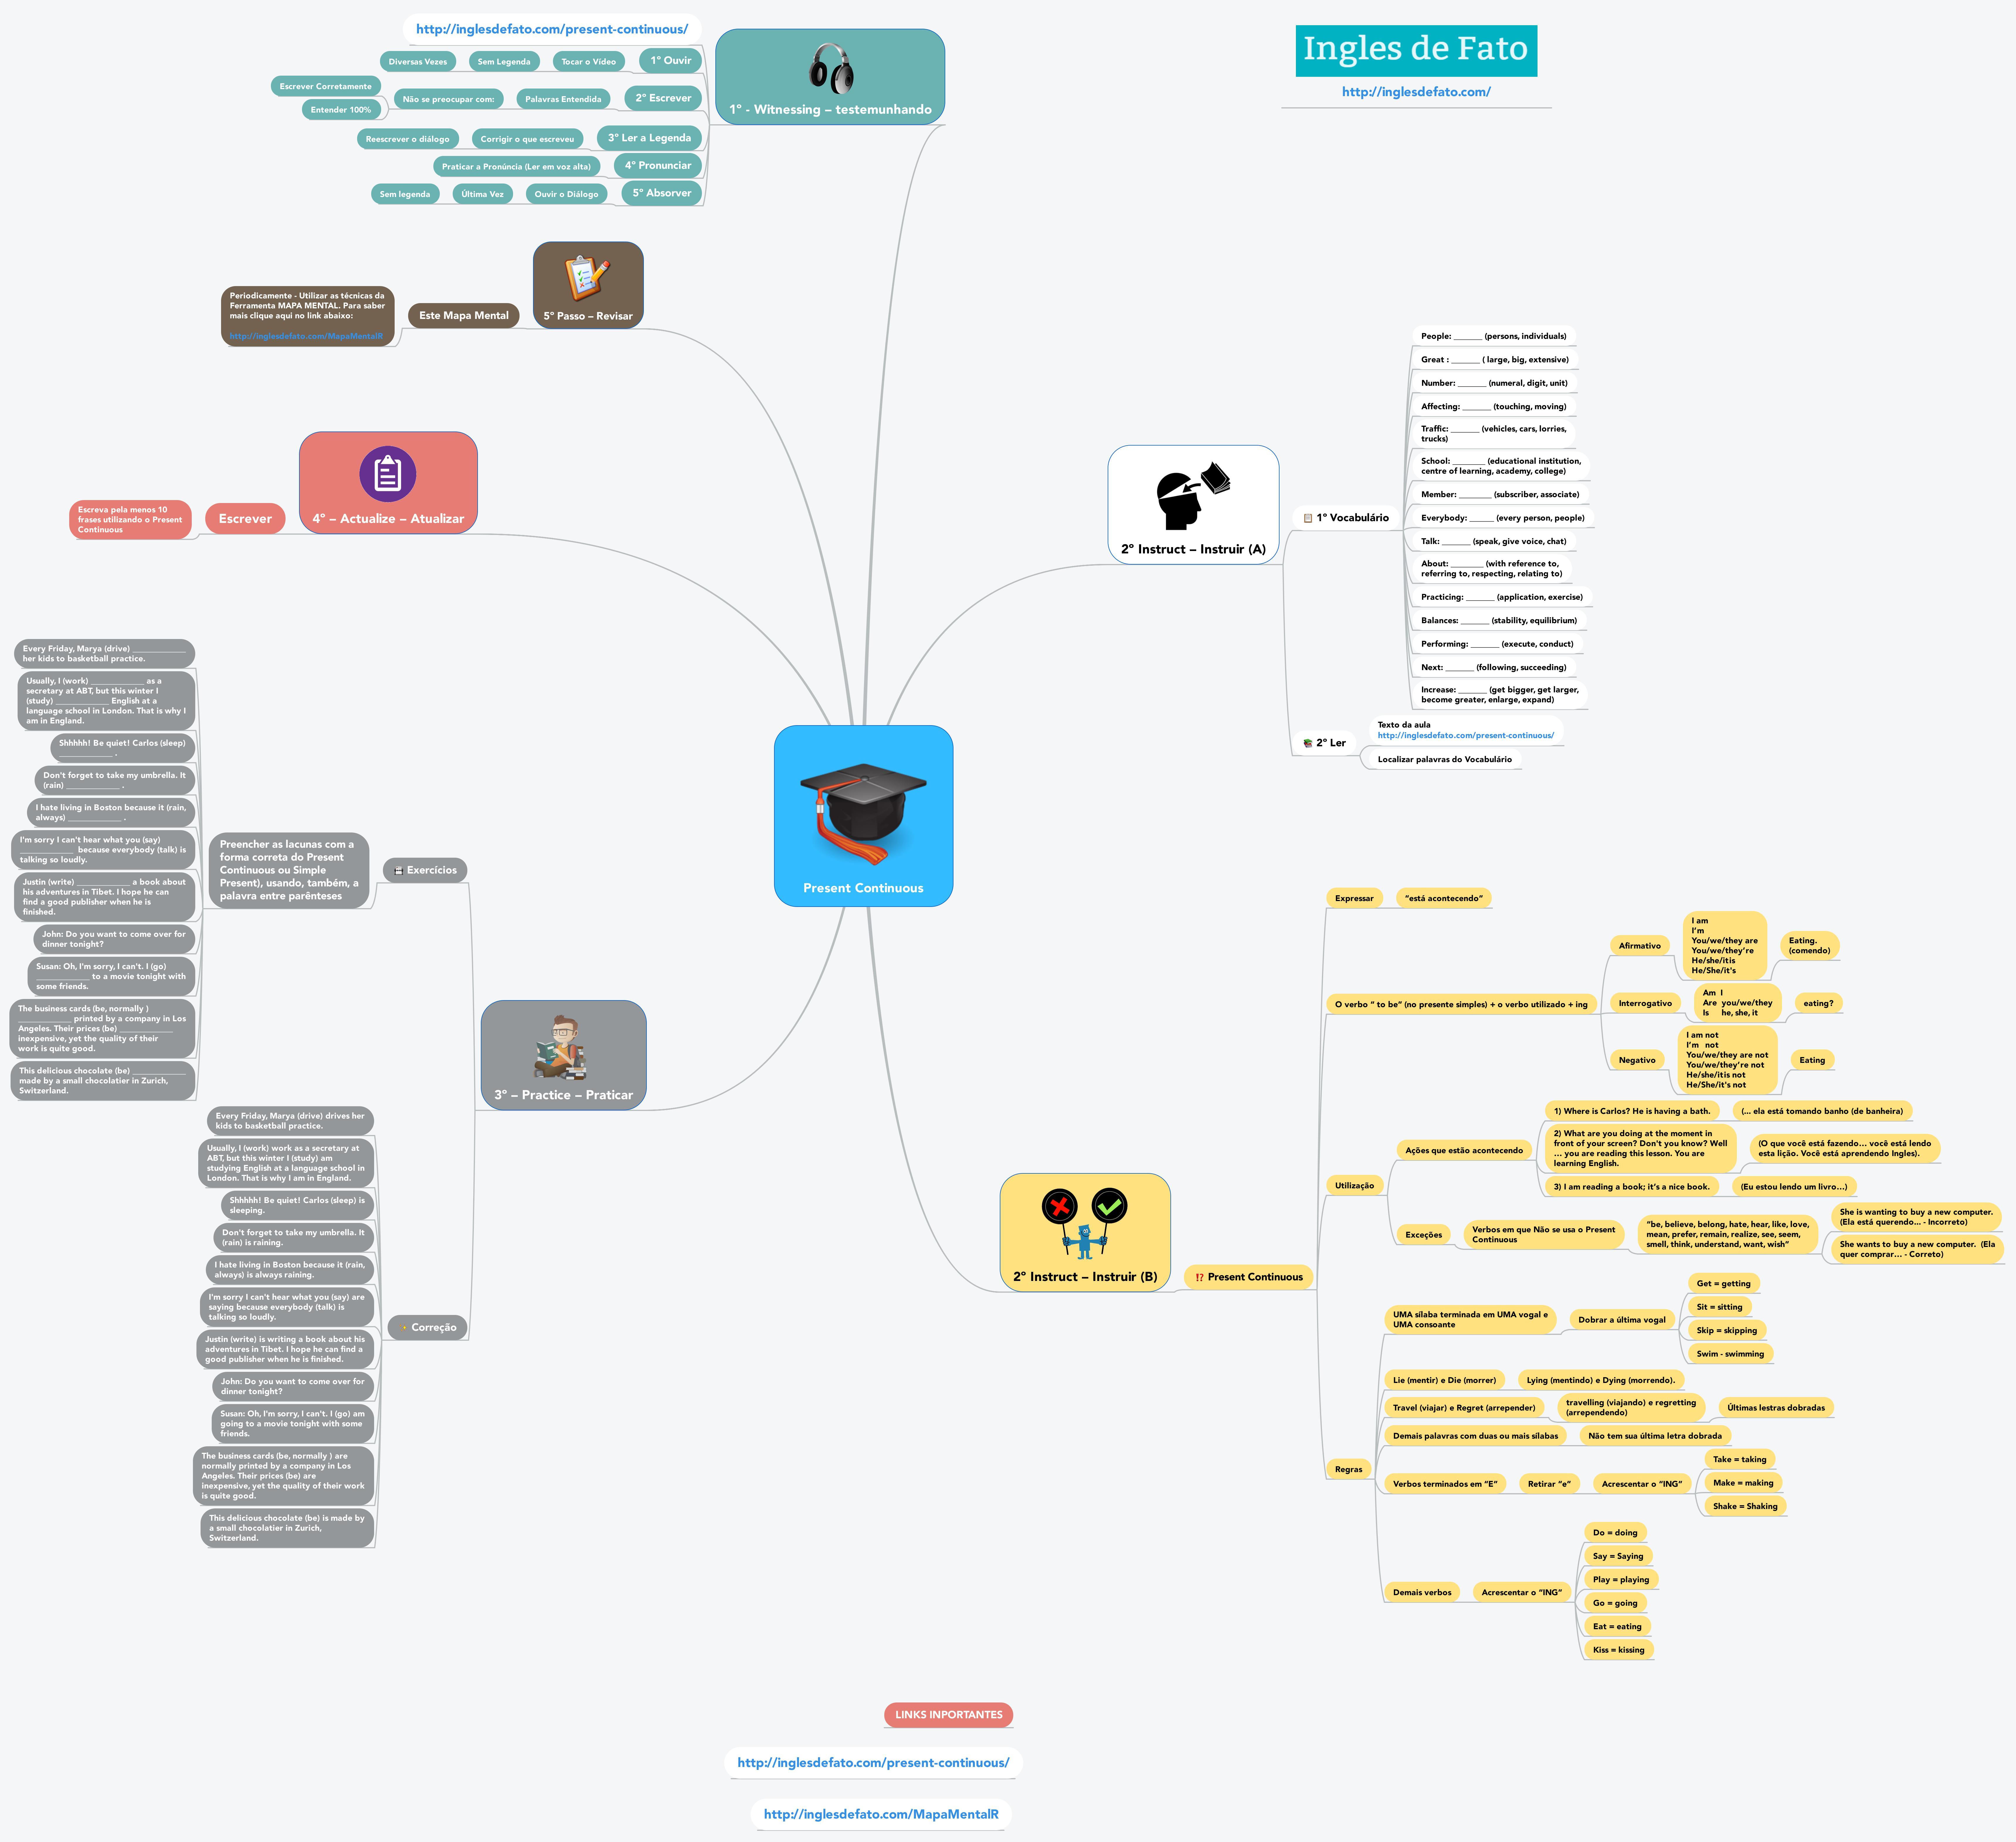 Aprender Ingles - Mapa Mental do Present Continuous - CLIQUE NA IMAGEM PARA AUMENTAR O TAMANHO